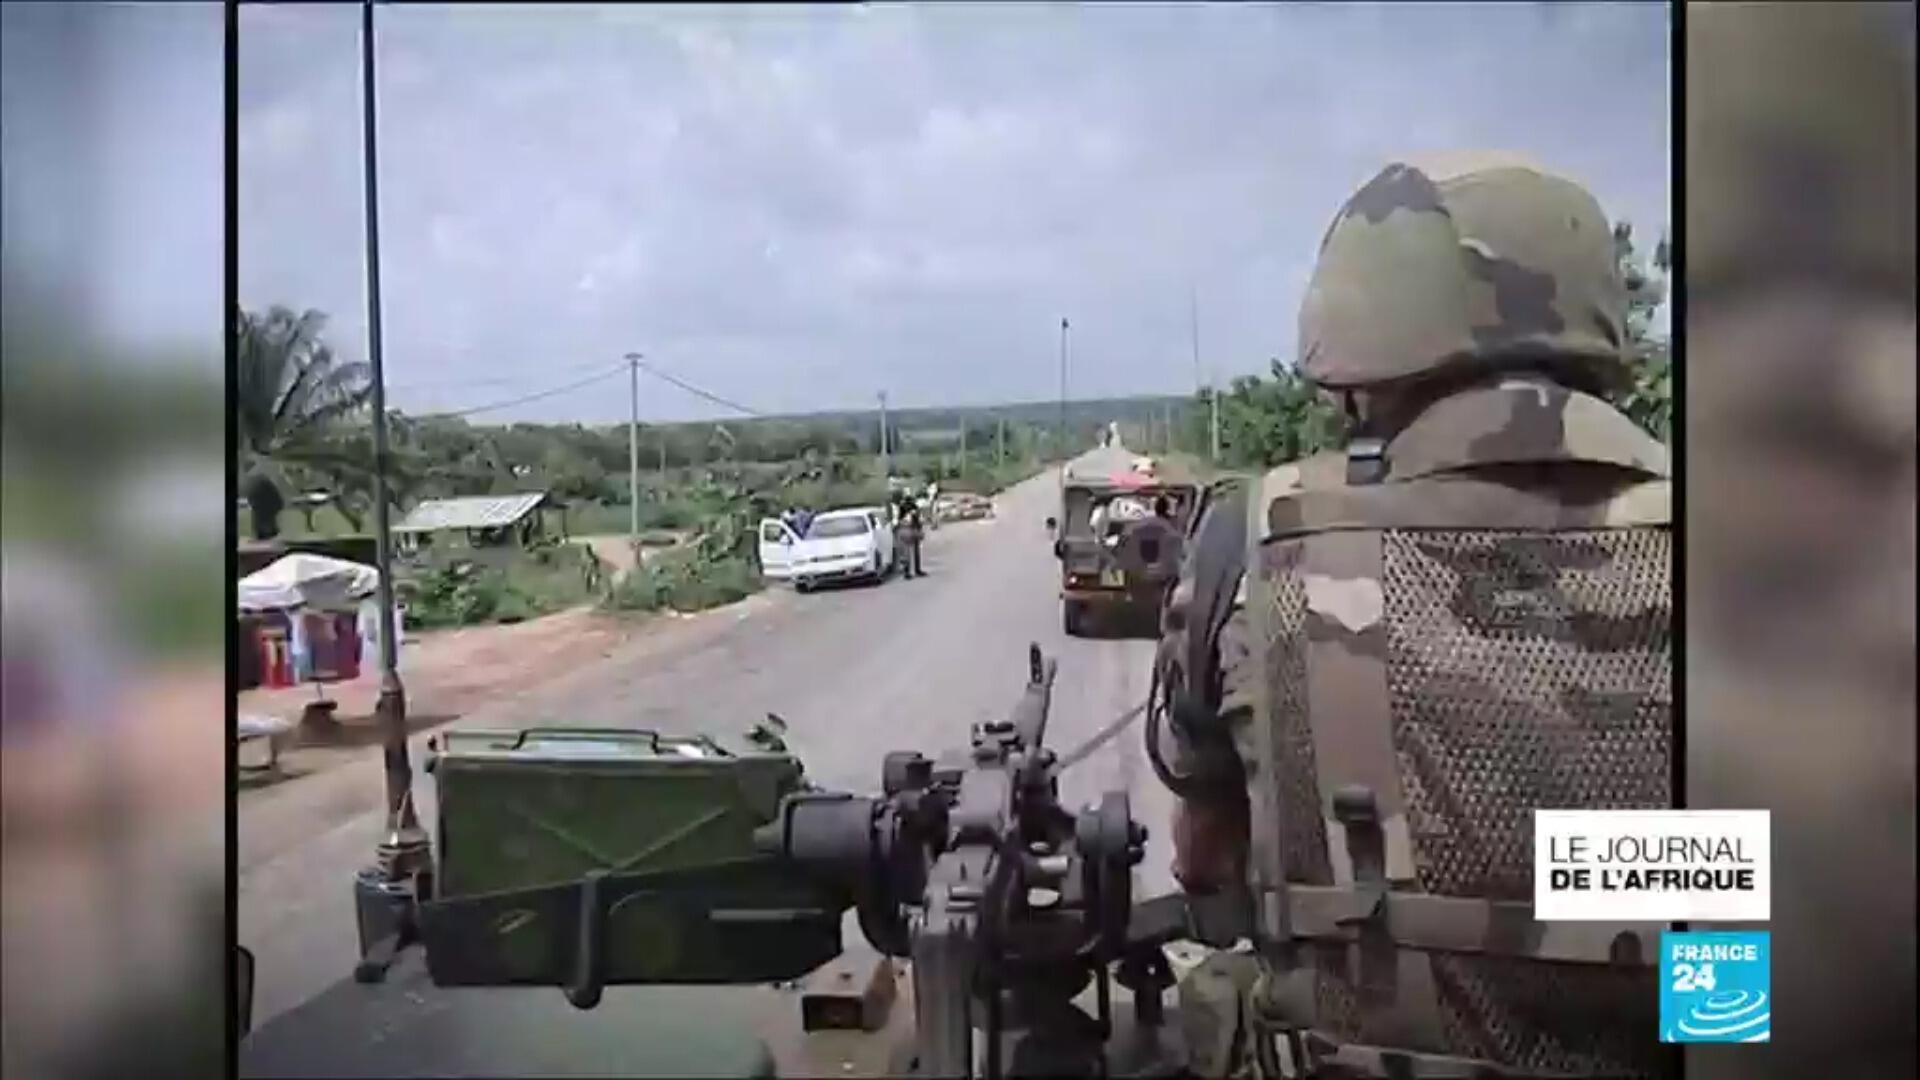 Bombardement de Bouaké en Côte d'Ivoirede 2004: le procès s'ouvre à Paris